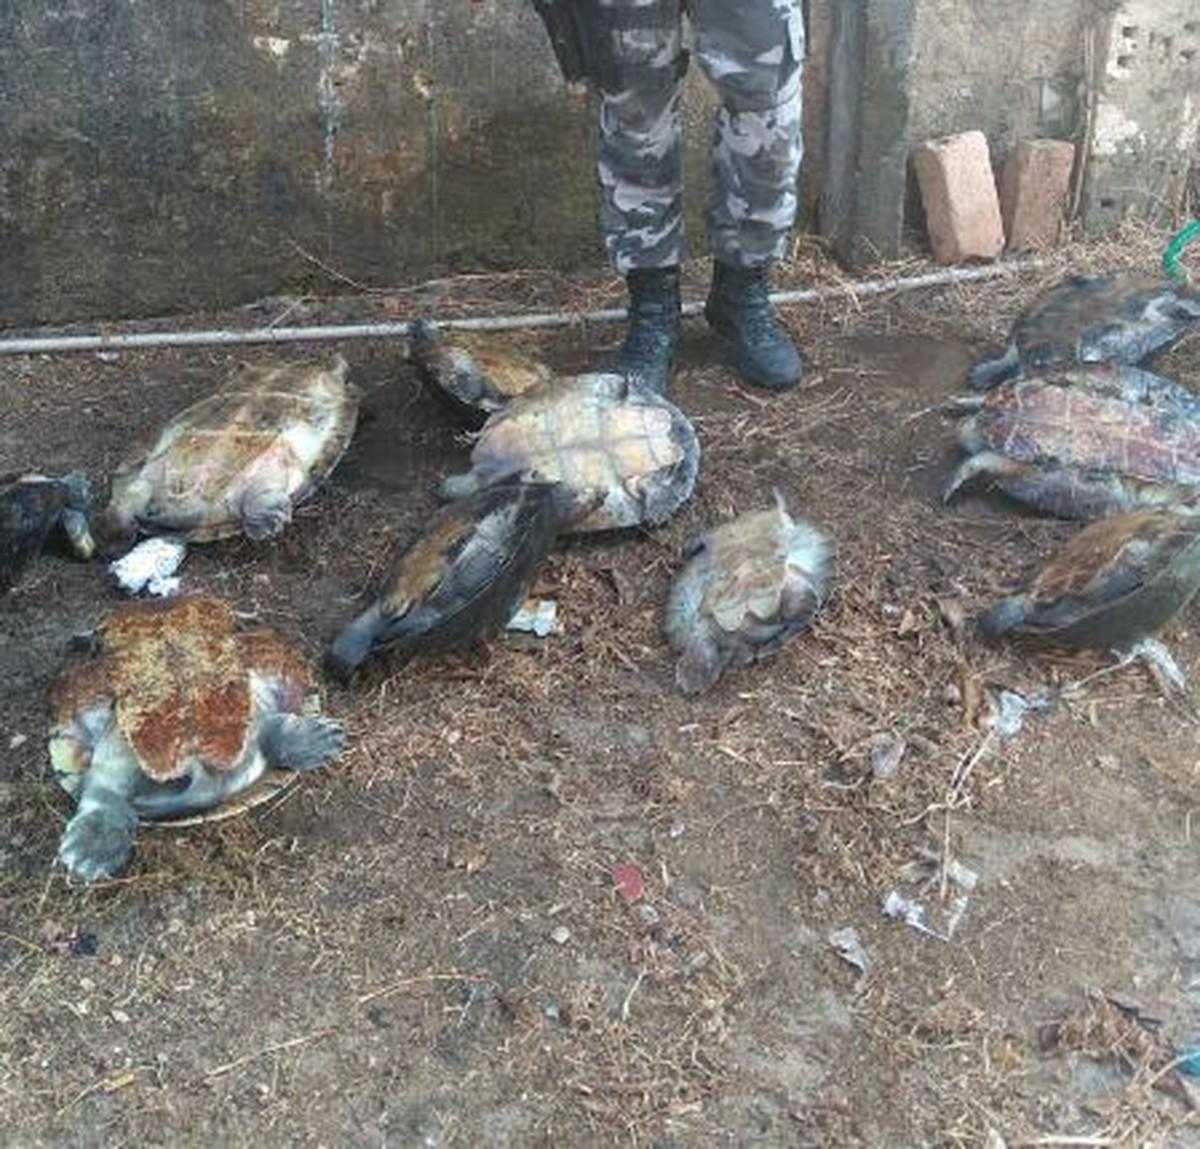 Polícia apreende 23 quelônios no interior de RR; suspeitos de crime ambiental são detidos